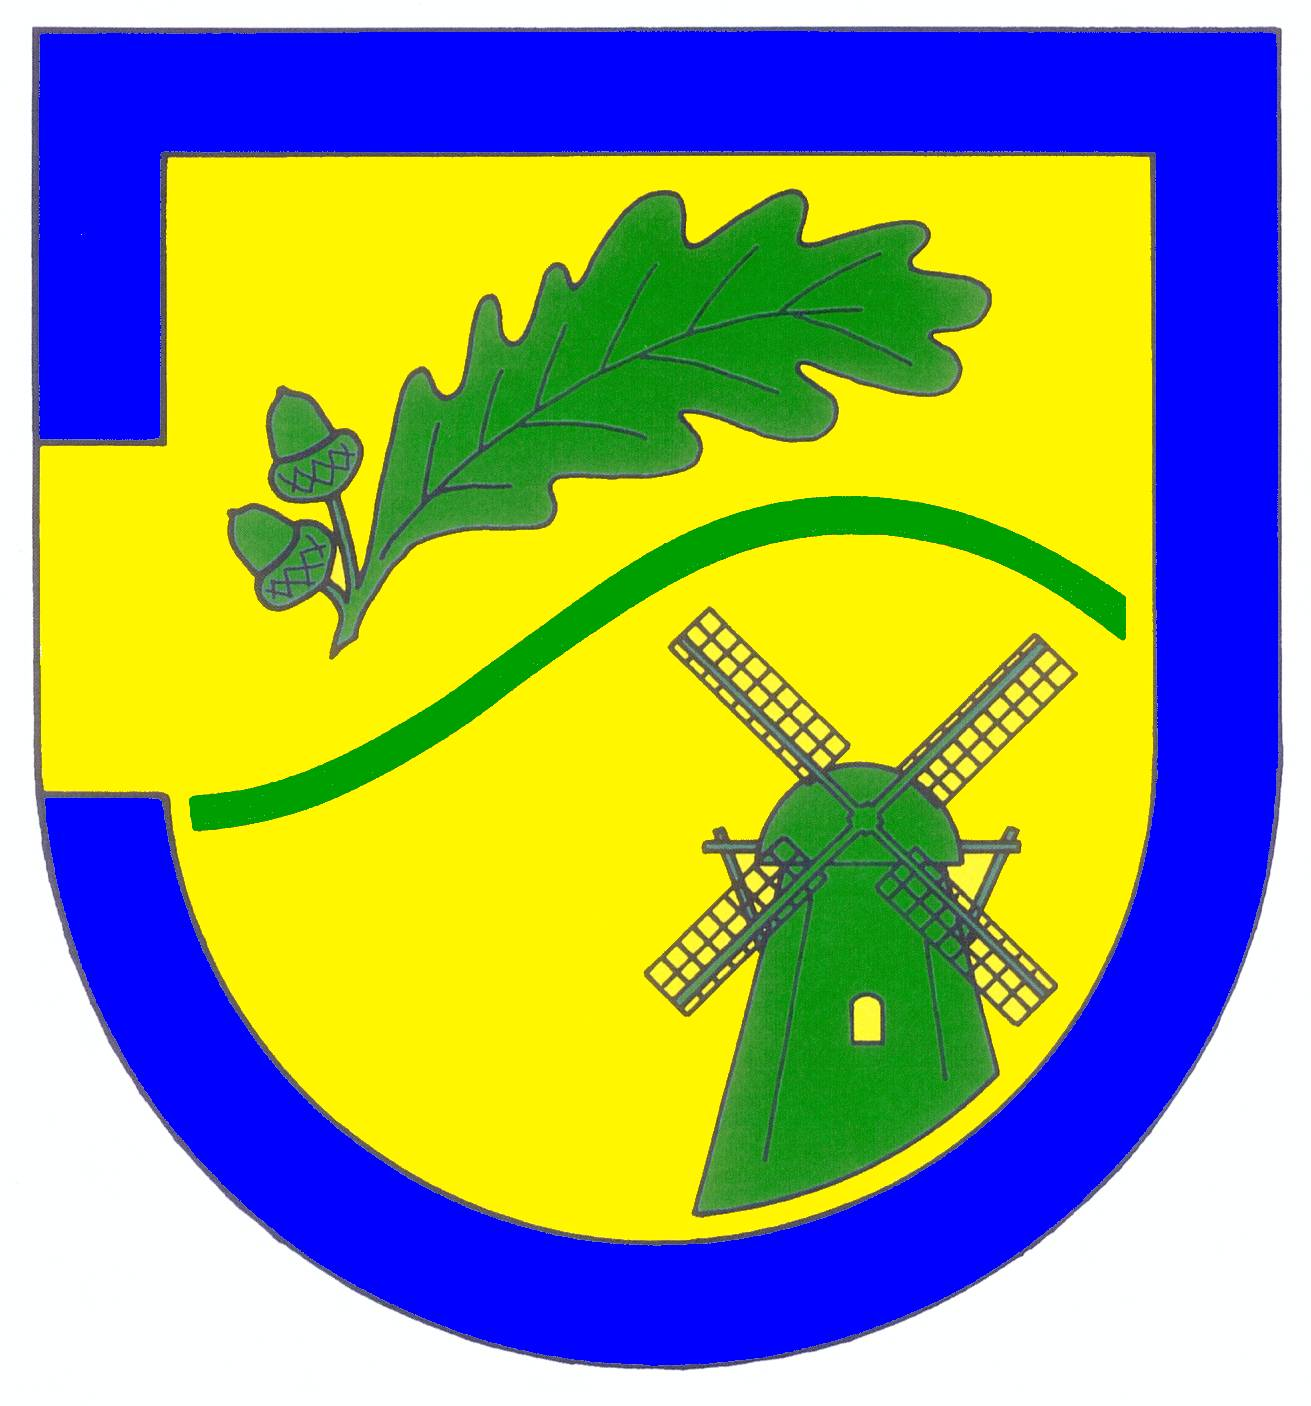 Wappen GemeindeJoldelund, Kreis Nordfriesland